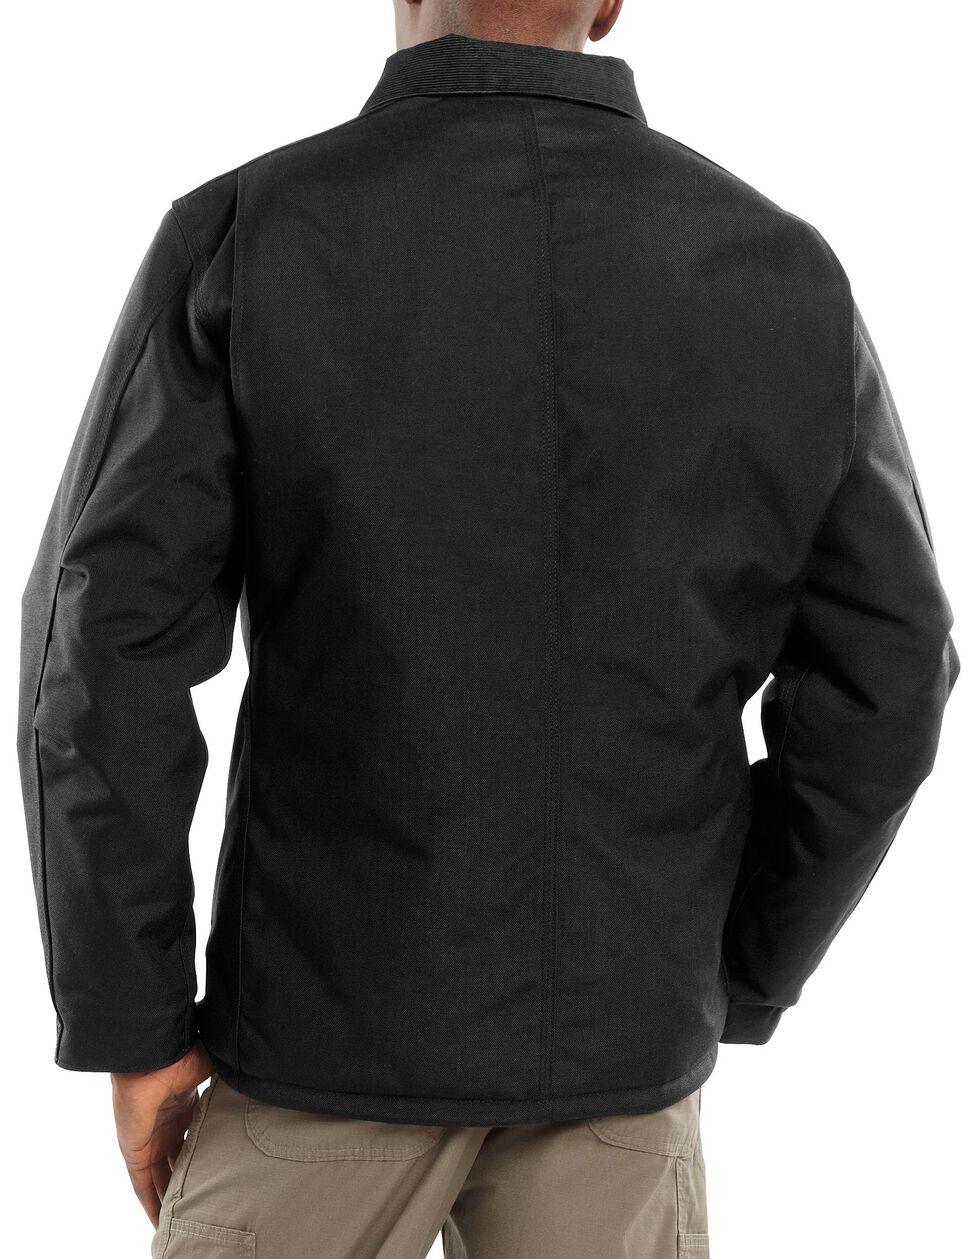 Carhartt Extremes® Arctic Quilt-Lined Coat - Big & Tall, Black, hi-res